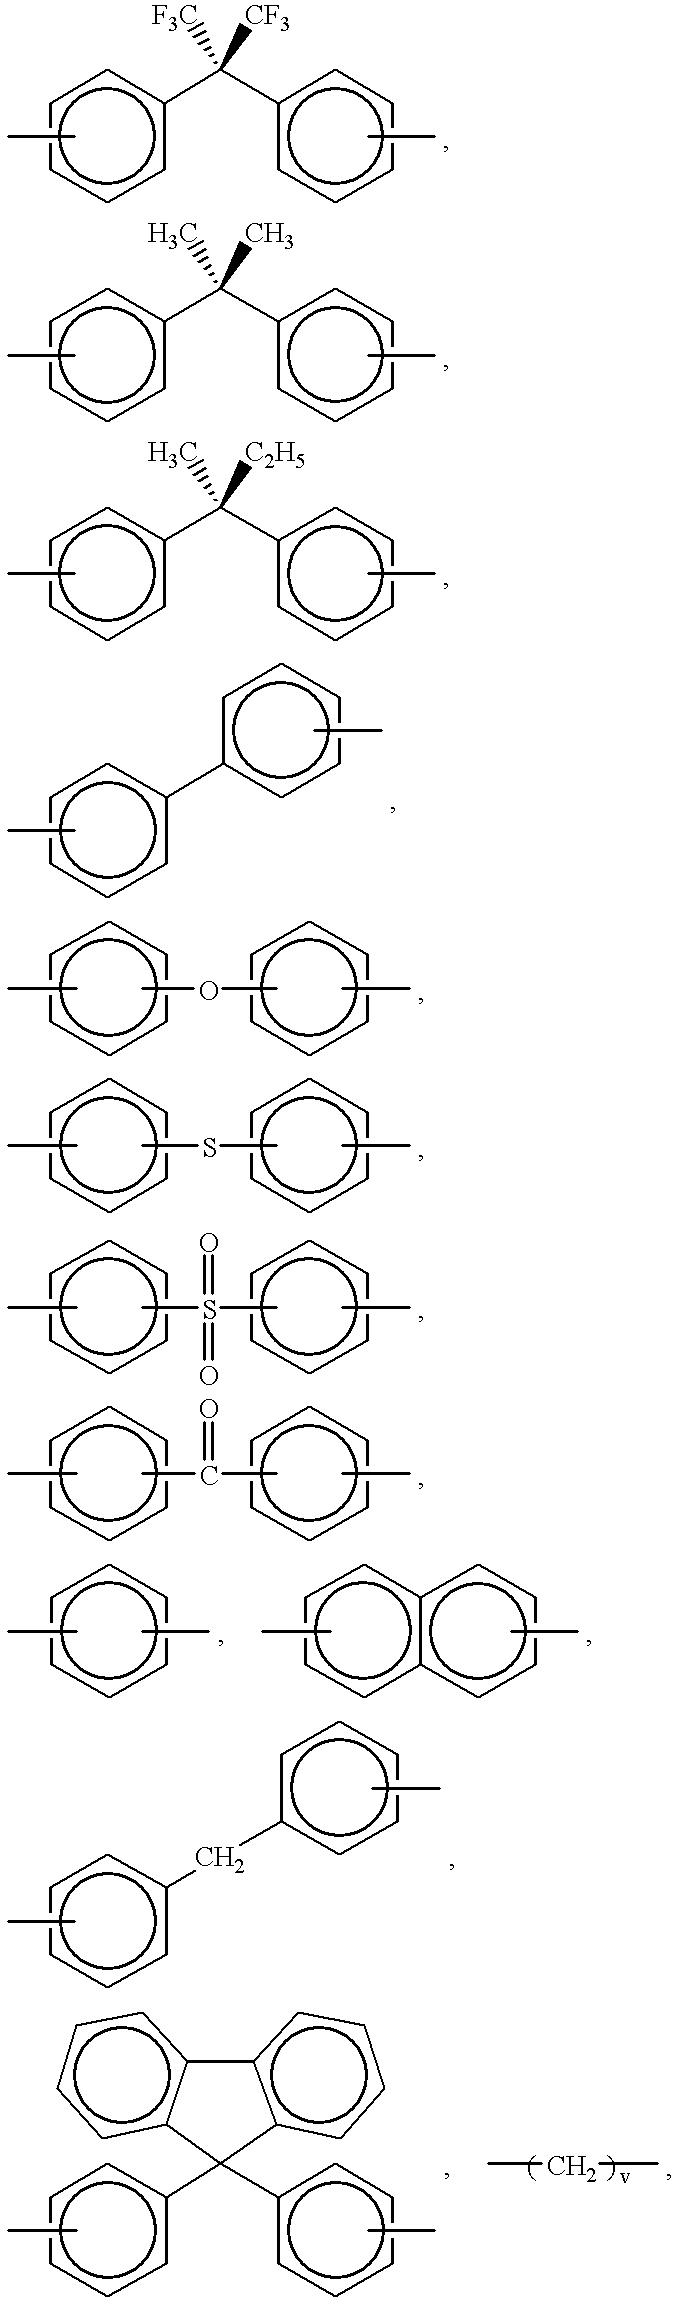 Figure US06273985-20010814-C00092